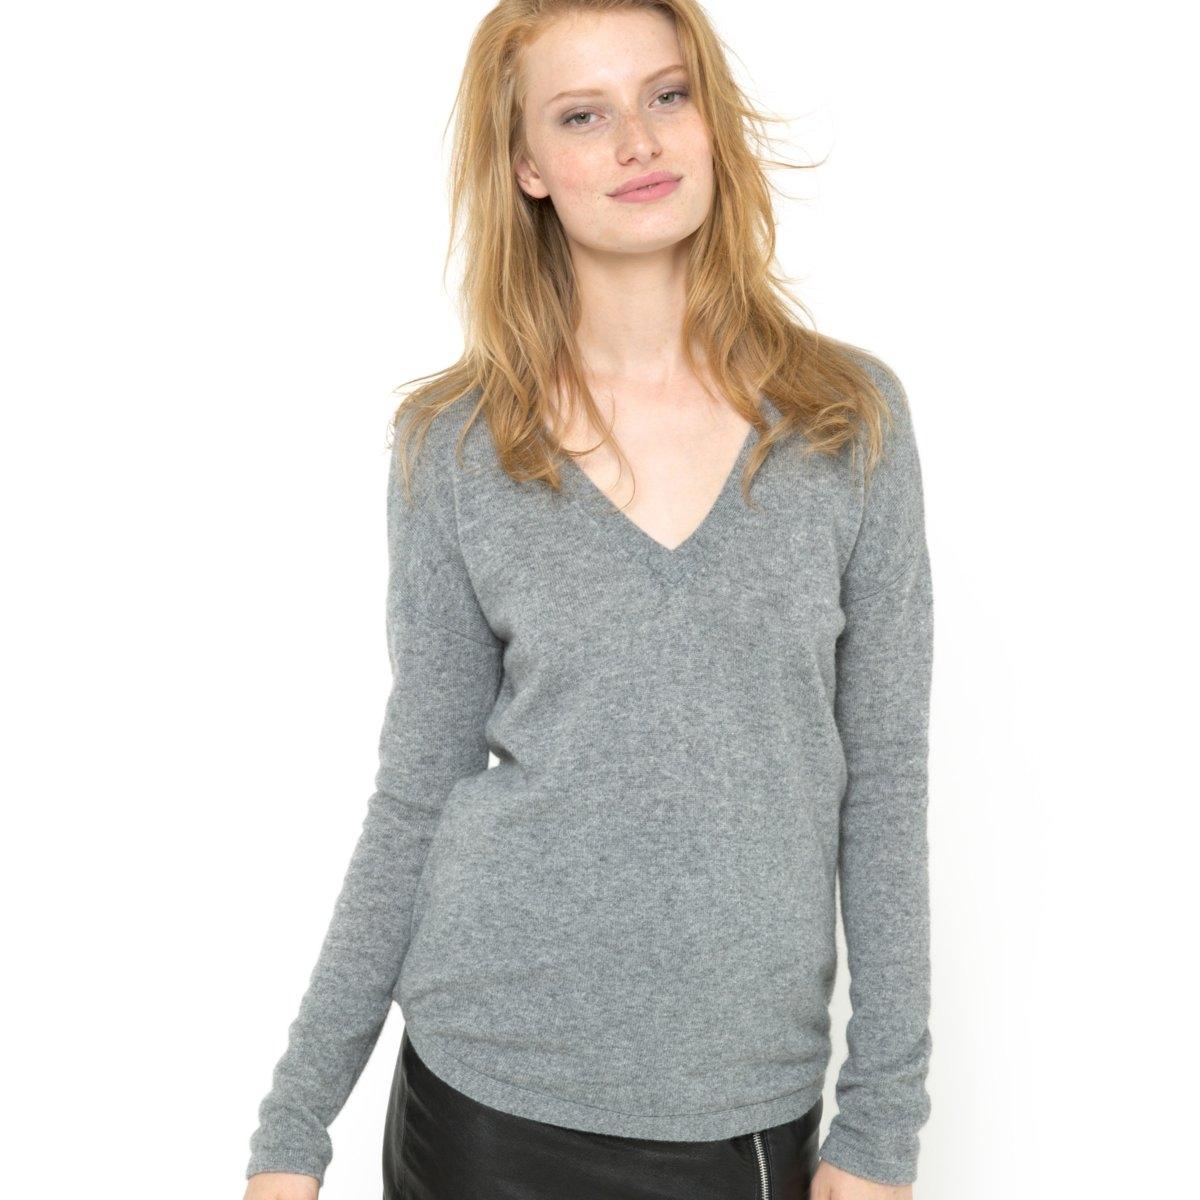 Пуловер, 100% кашемираПуловер из 100% кашемира. Глубокий V-образный вырез. Квадратный покрой. Длинные рукава. V-образный вырез с декором сзади. Края рукавов и низа связаны в рубчик. Закругленный низ. Длина: 68 см.<br><br>Цвет: серый меланж<br>Размер: 50/52 (FR) - 56/58 (RUS)